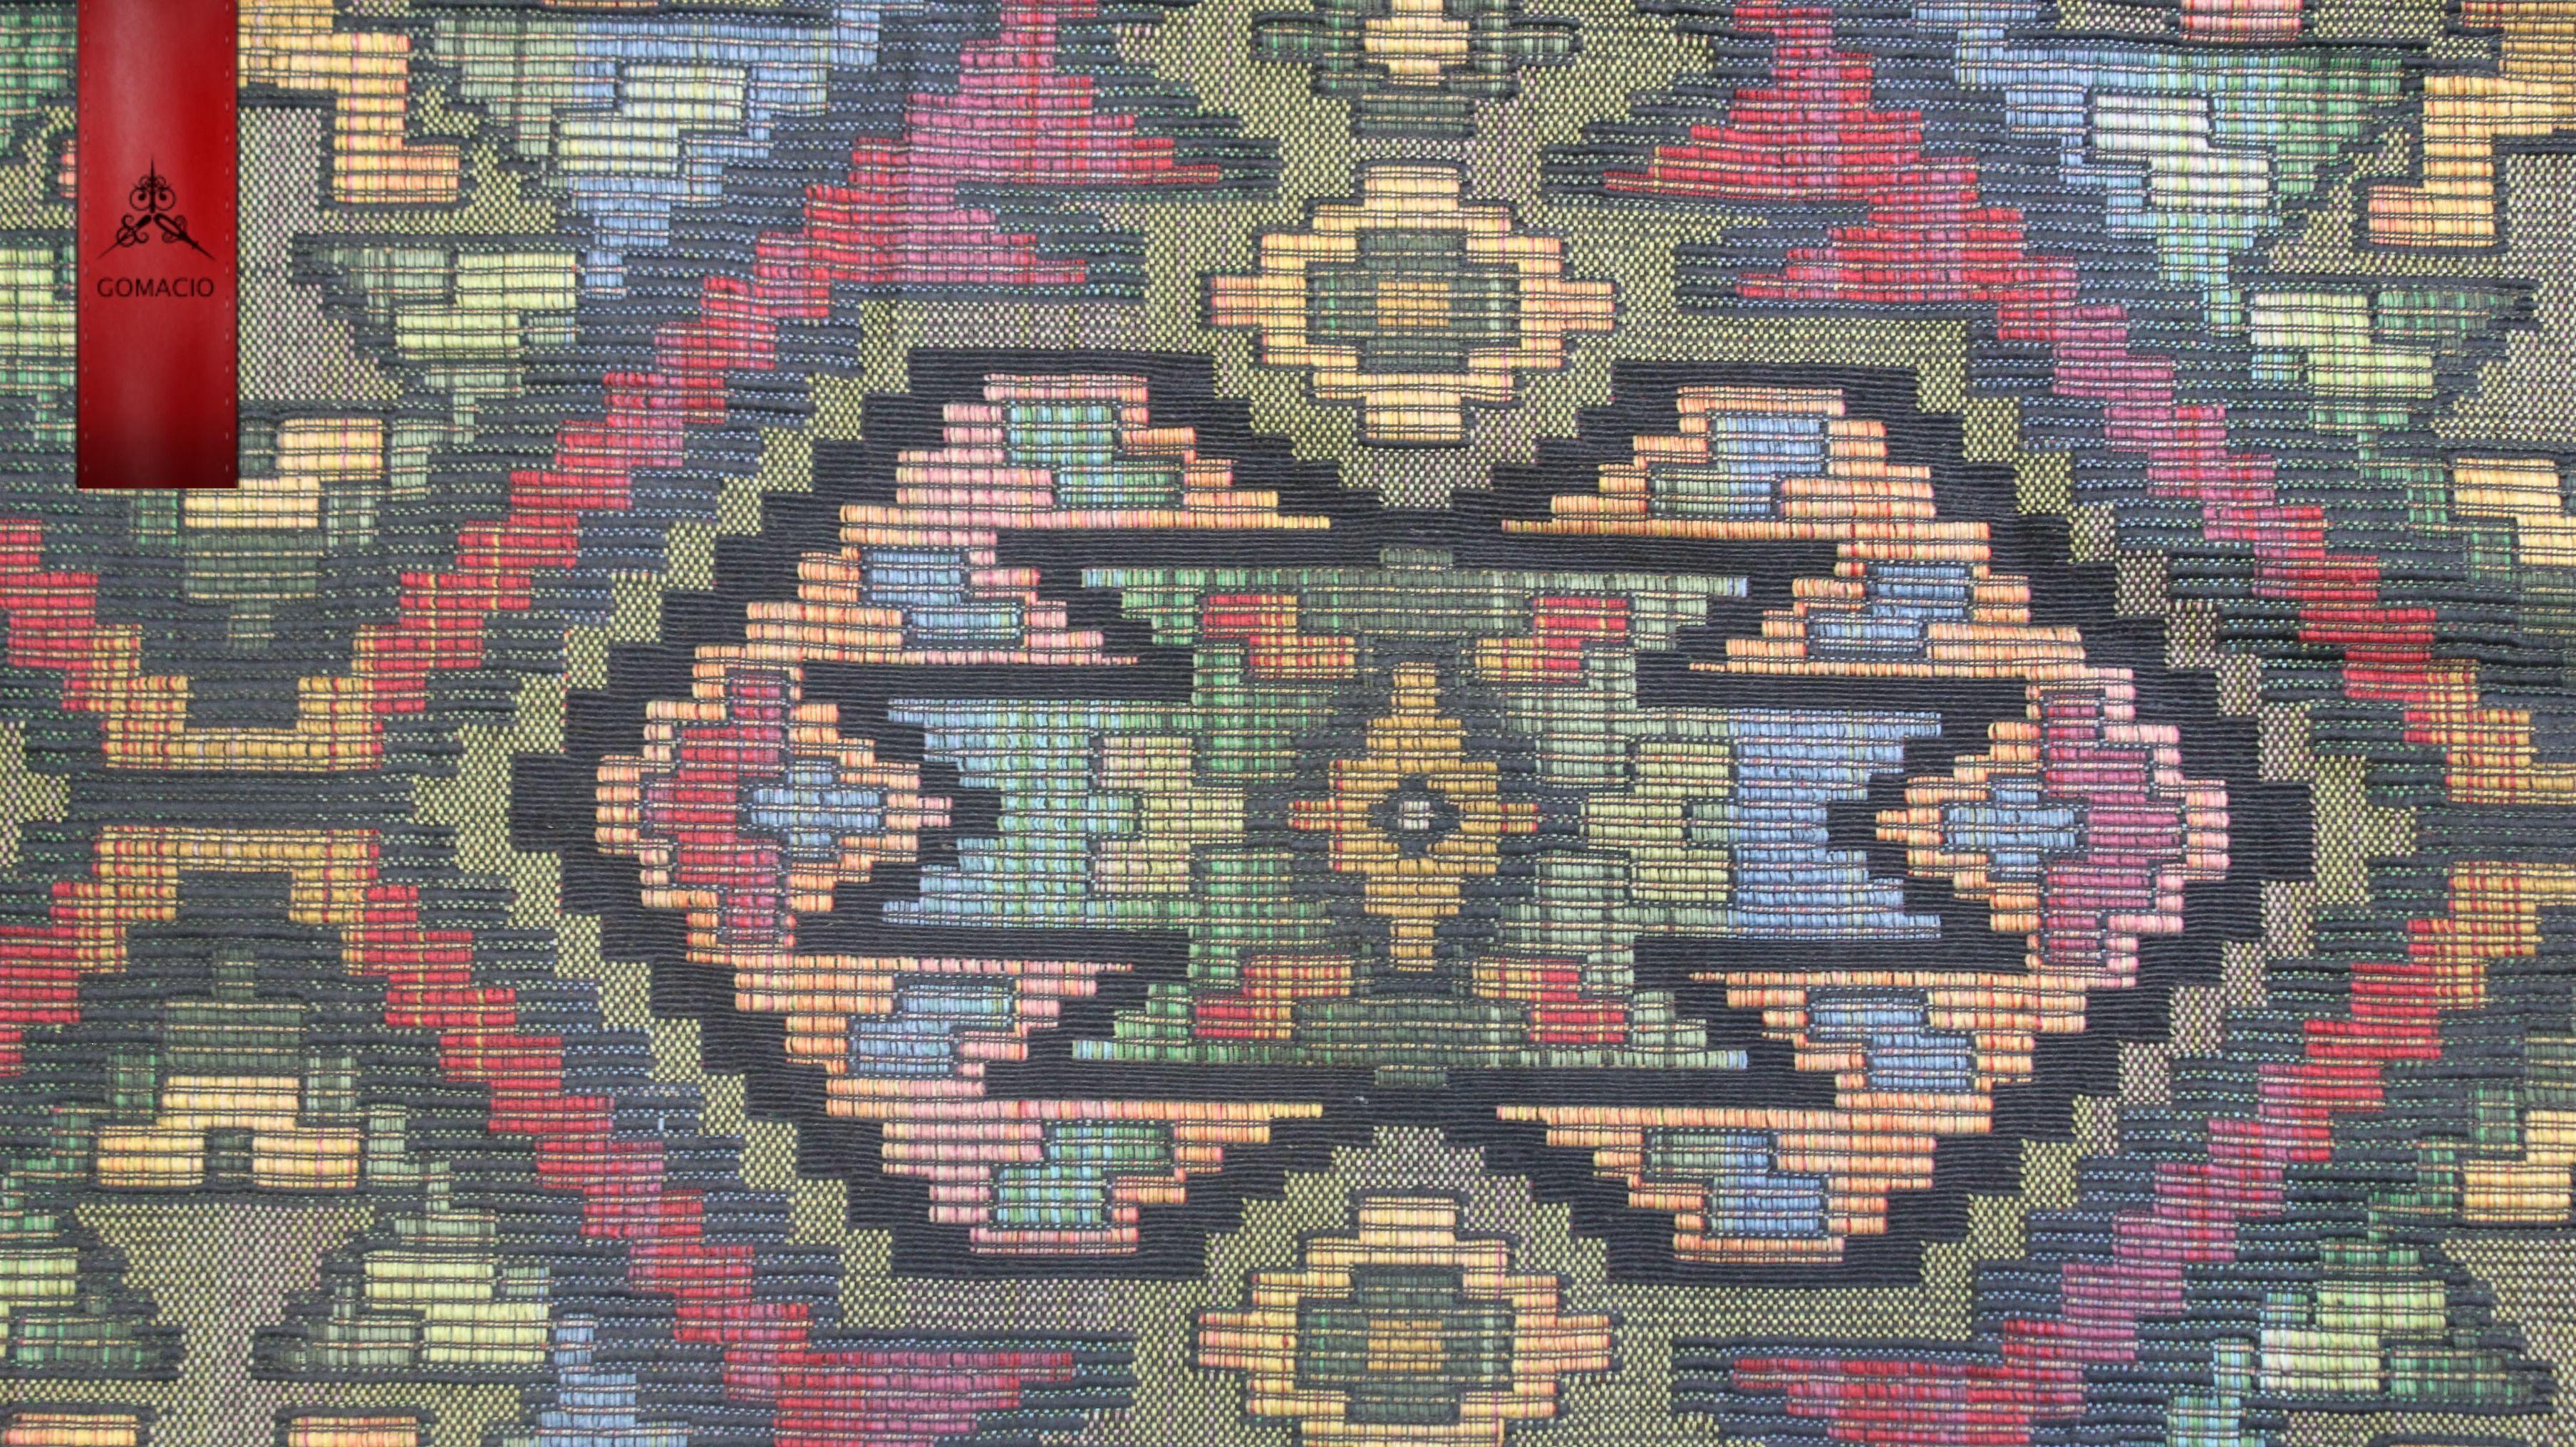 أقمشة الجاكار للكنب يستخدم بشكل طولي أو بشكل أفقي الماركة شانيل السعر للمتر 18 دينار المخزون المتوفر 49 متر مدة الطلب خمسة أيام ع Bohemian Rug Rugs Fabric